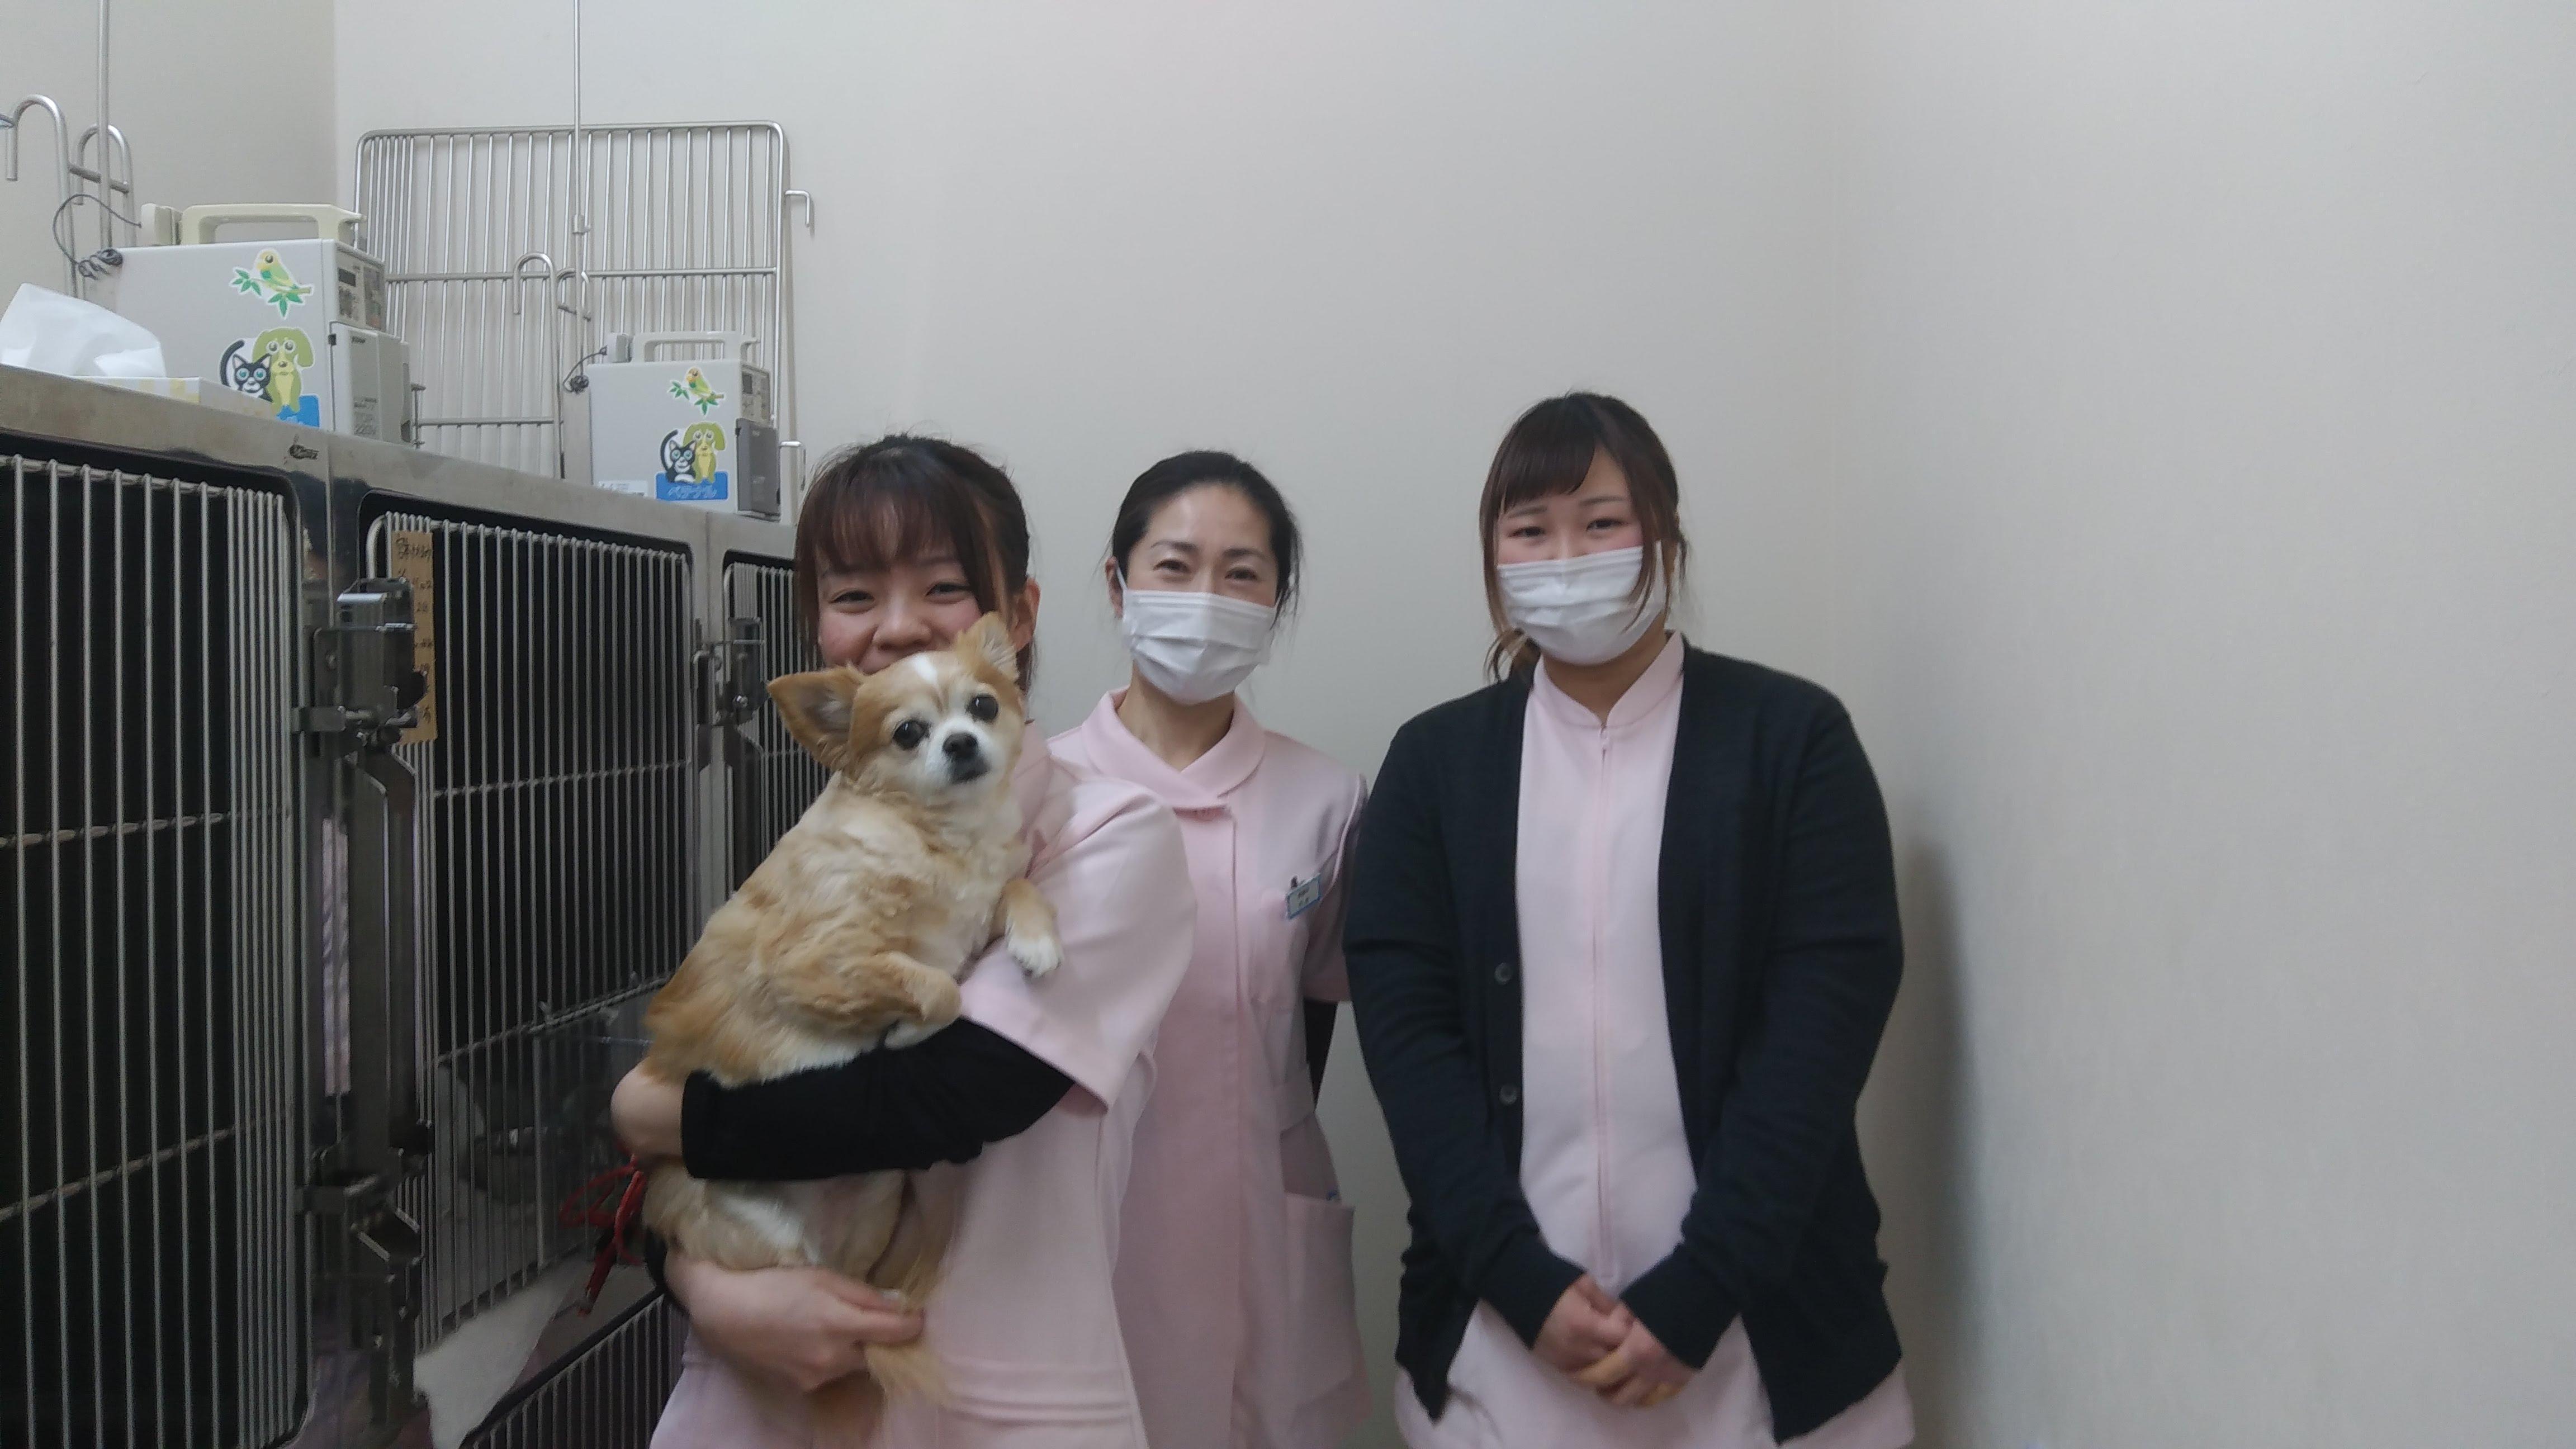 動物好きのスタッフが多いです。